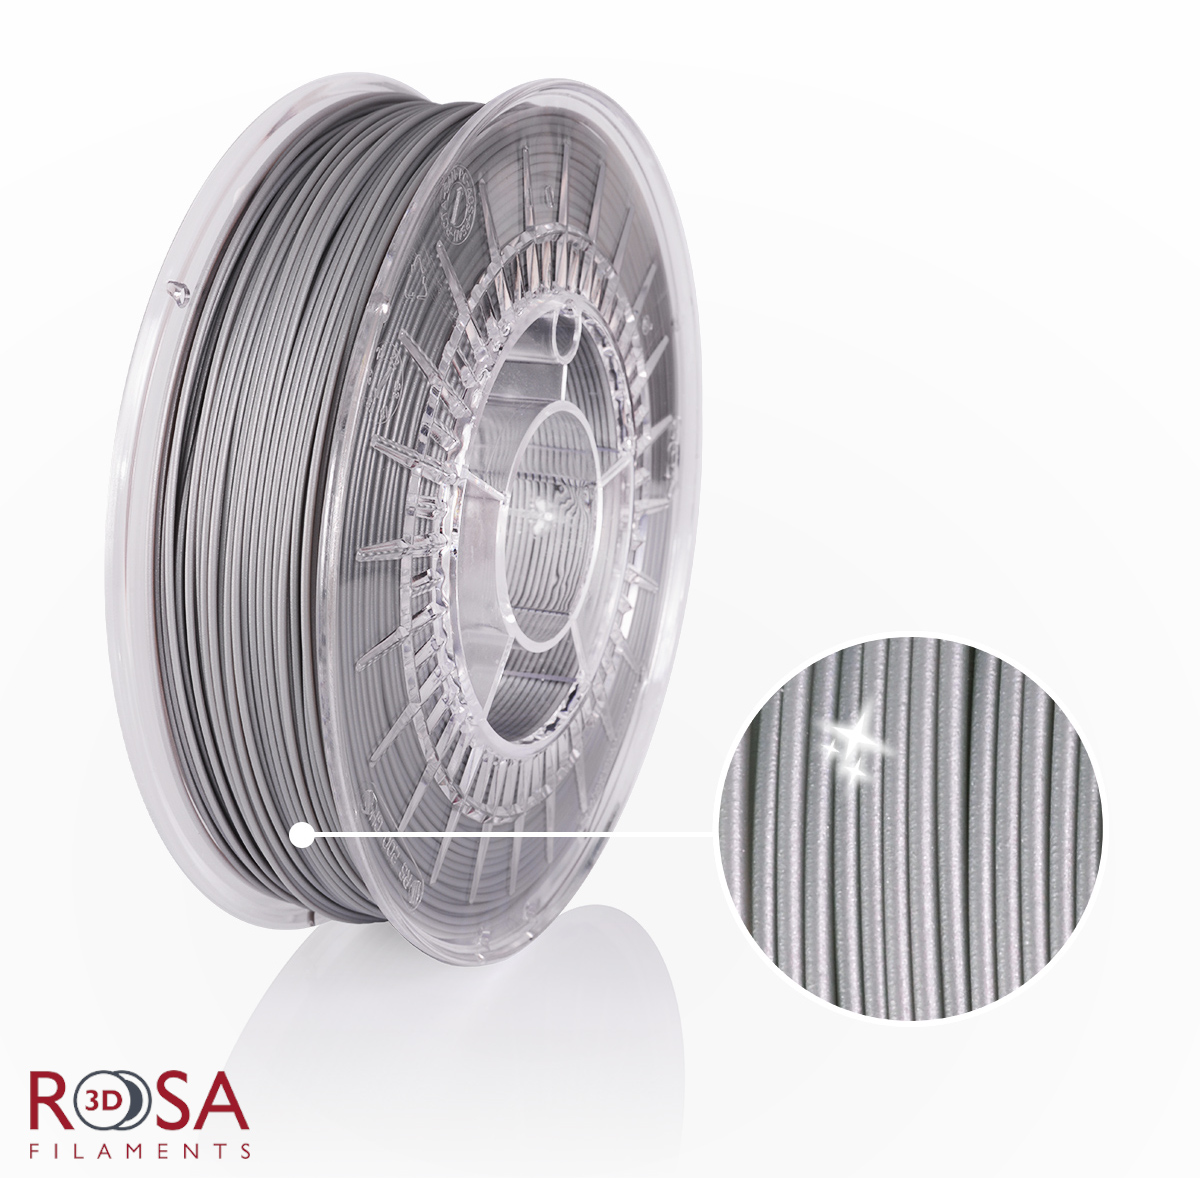 rosa 3d filament pla